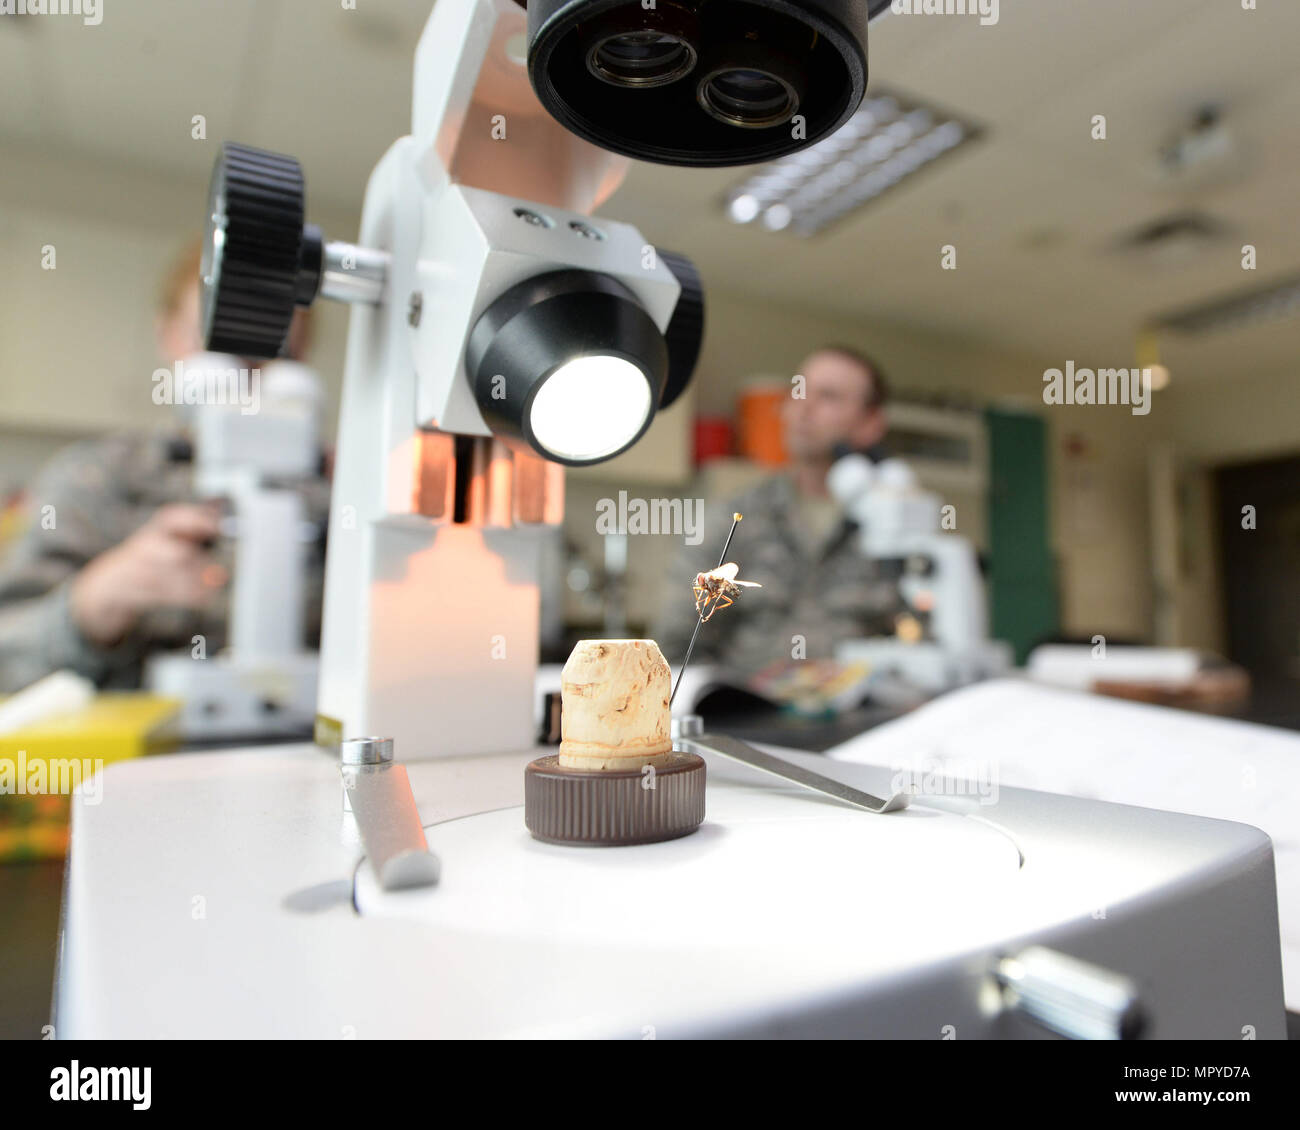 Un microscopio all'interno dell'entomologia di laboratorio presso la 88th Medicina Aerospaziale Squadron stazioni a importanti dal punto di vista medico fly della famiglia Diptera a Wright-Patterson Air Force Base, Ohio, 21 aprile 2017. La 88th AMDS agli studenti di studiare i vettori meccanici di insetti di importanza militare e le principali malattie che essi trasmettono. (U.S. Air Force foto di Michelle Gigante/rilasciato) Immagini Stock